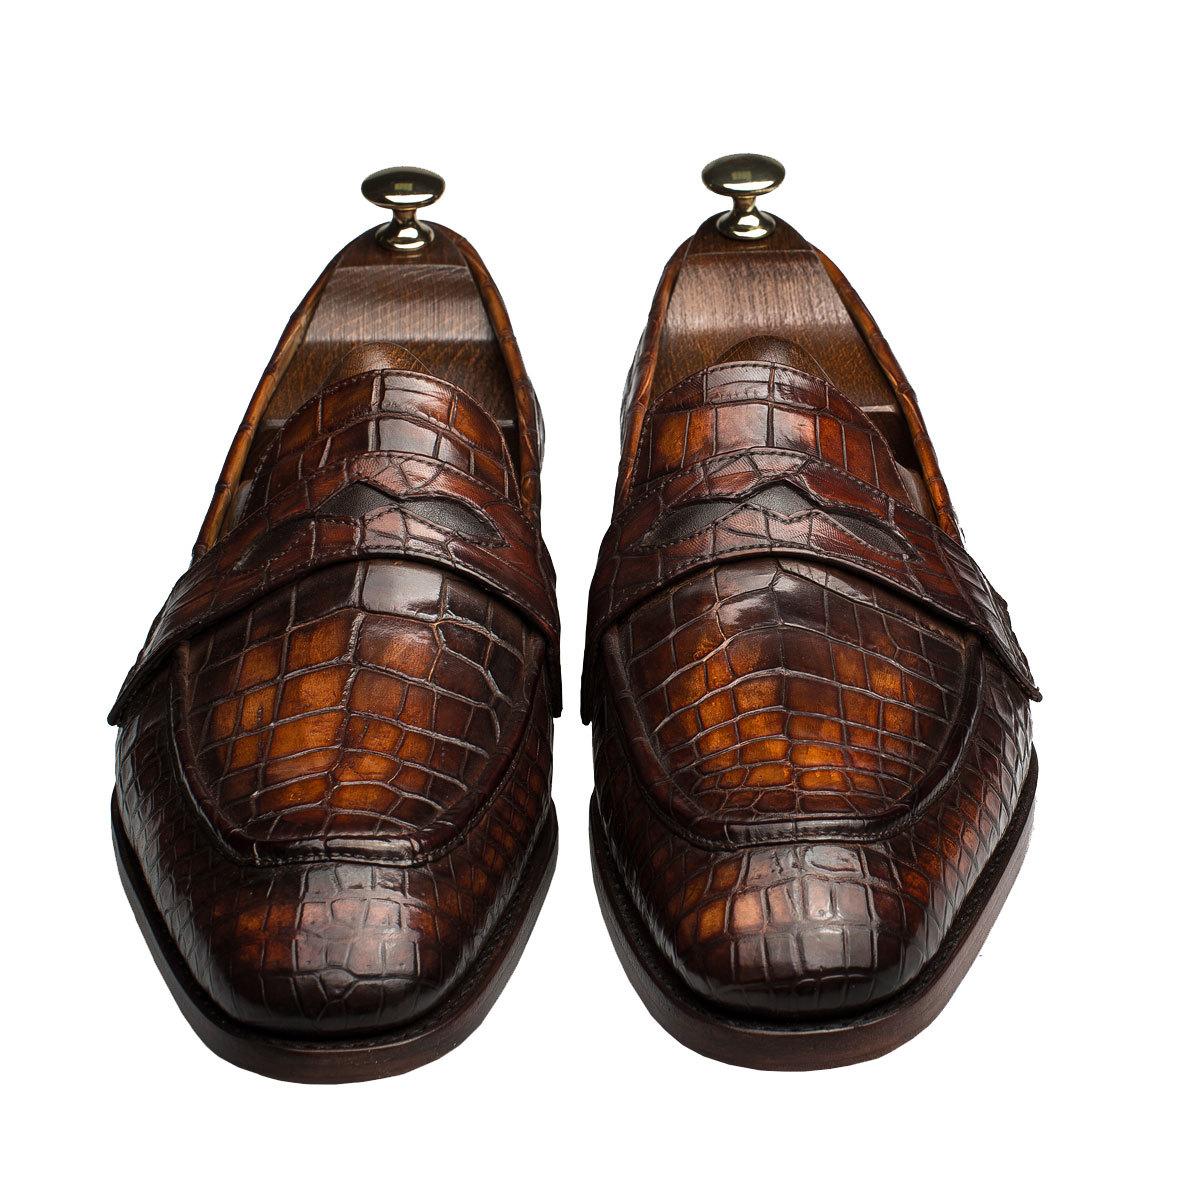 eeec4be02ea3 Мужские туфли лоферы из кожи крокодила коричневые   Артикул  MSC0403BR